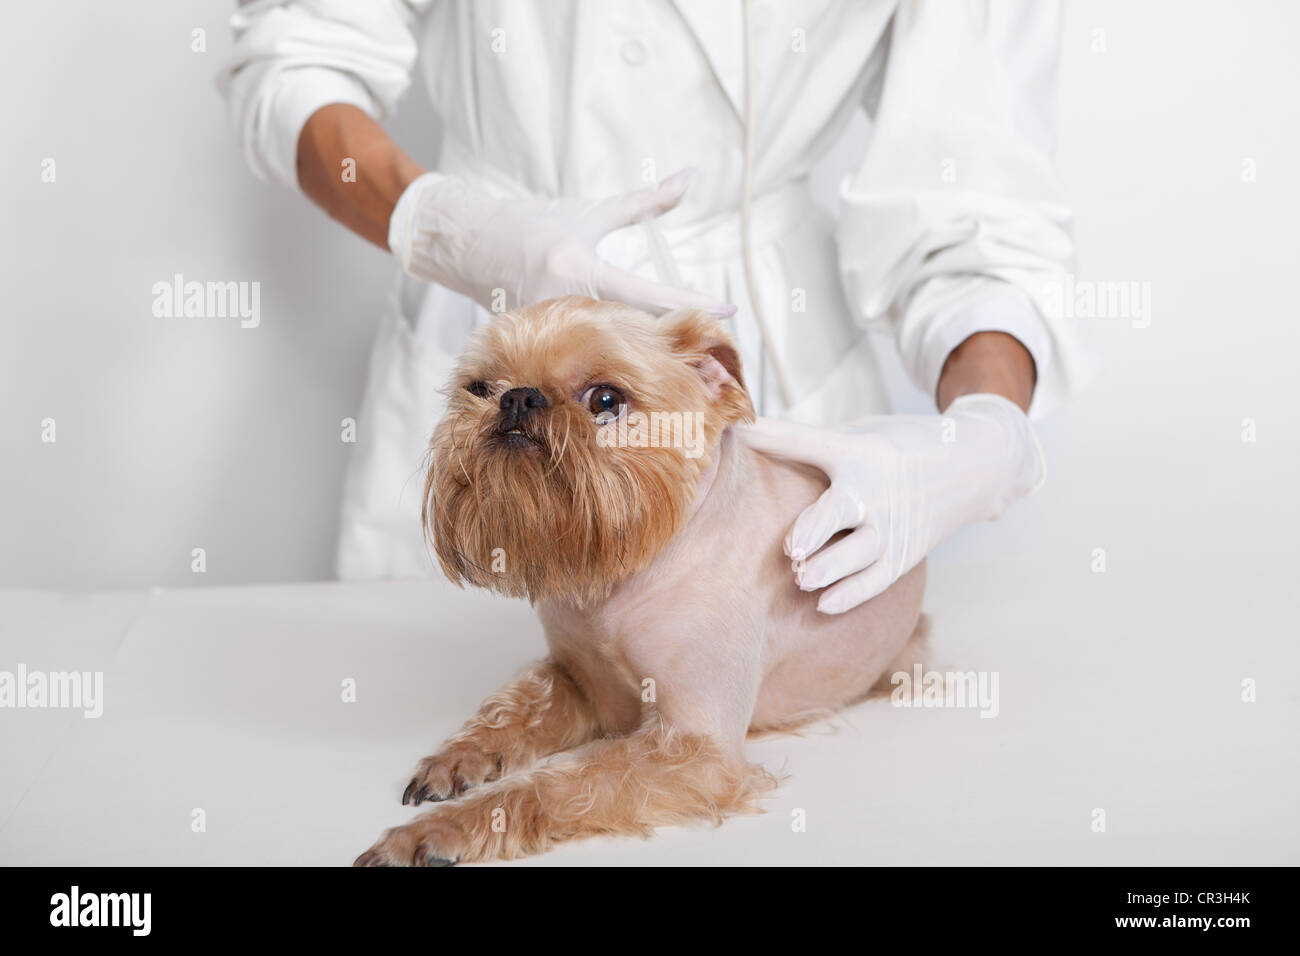 Medico Veterinario di fare una iniezione di razza del cane Griffon Bruxellois Immagini Stock